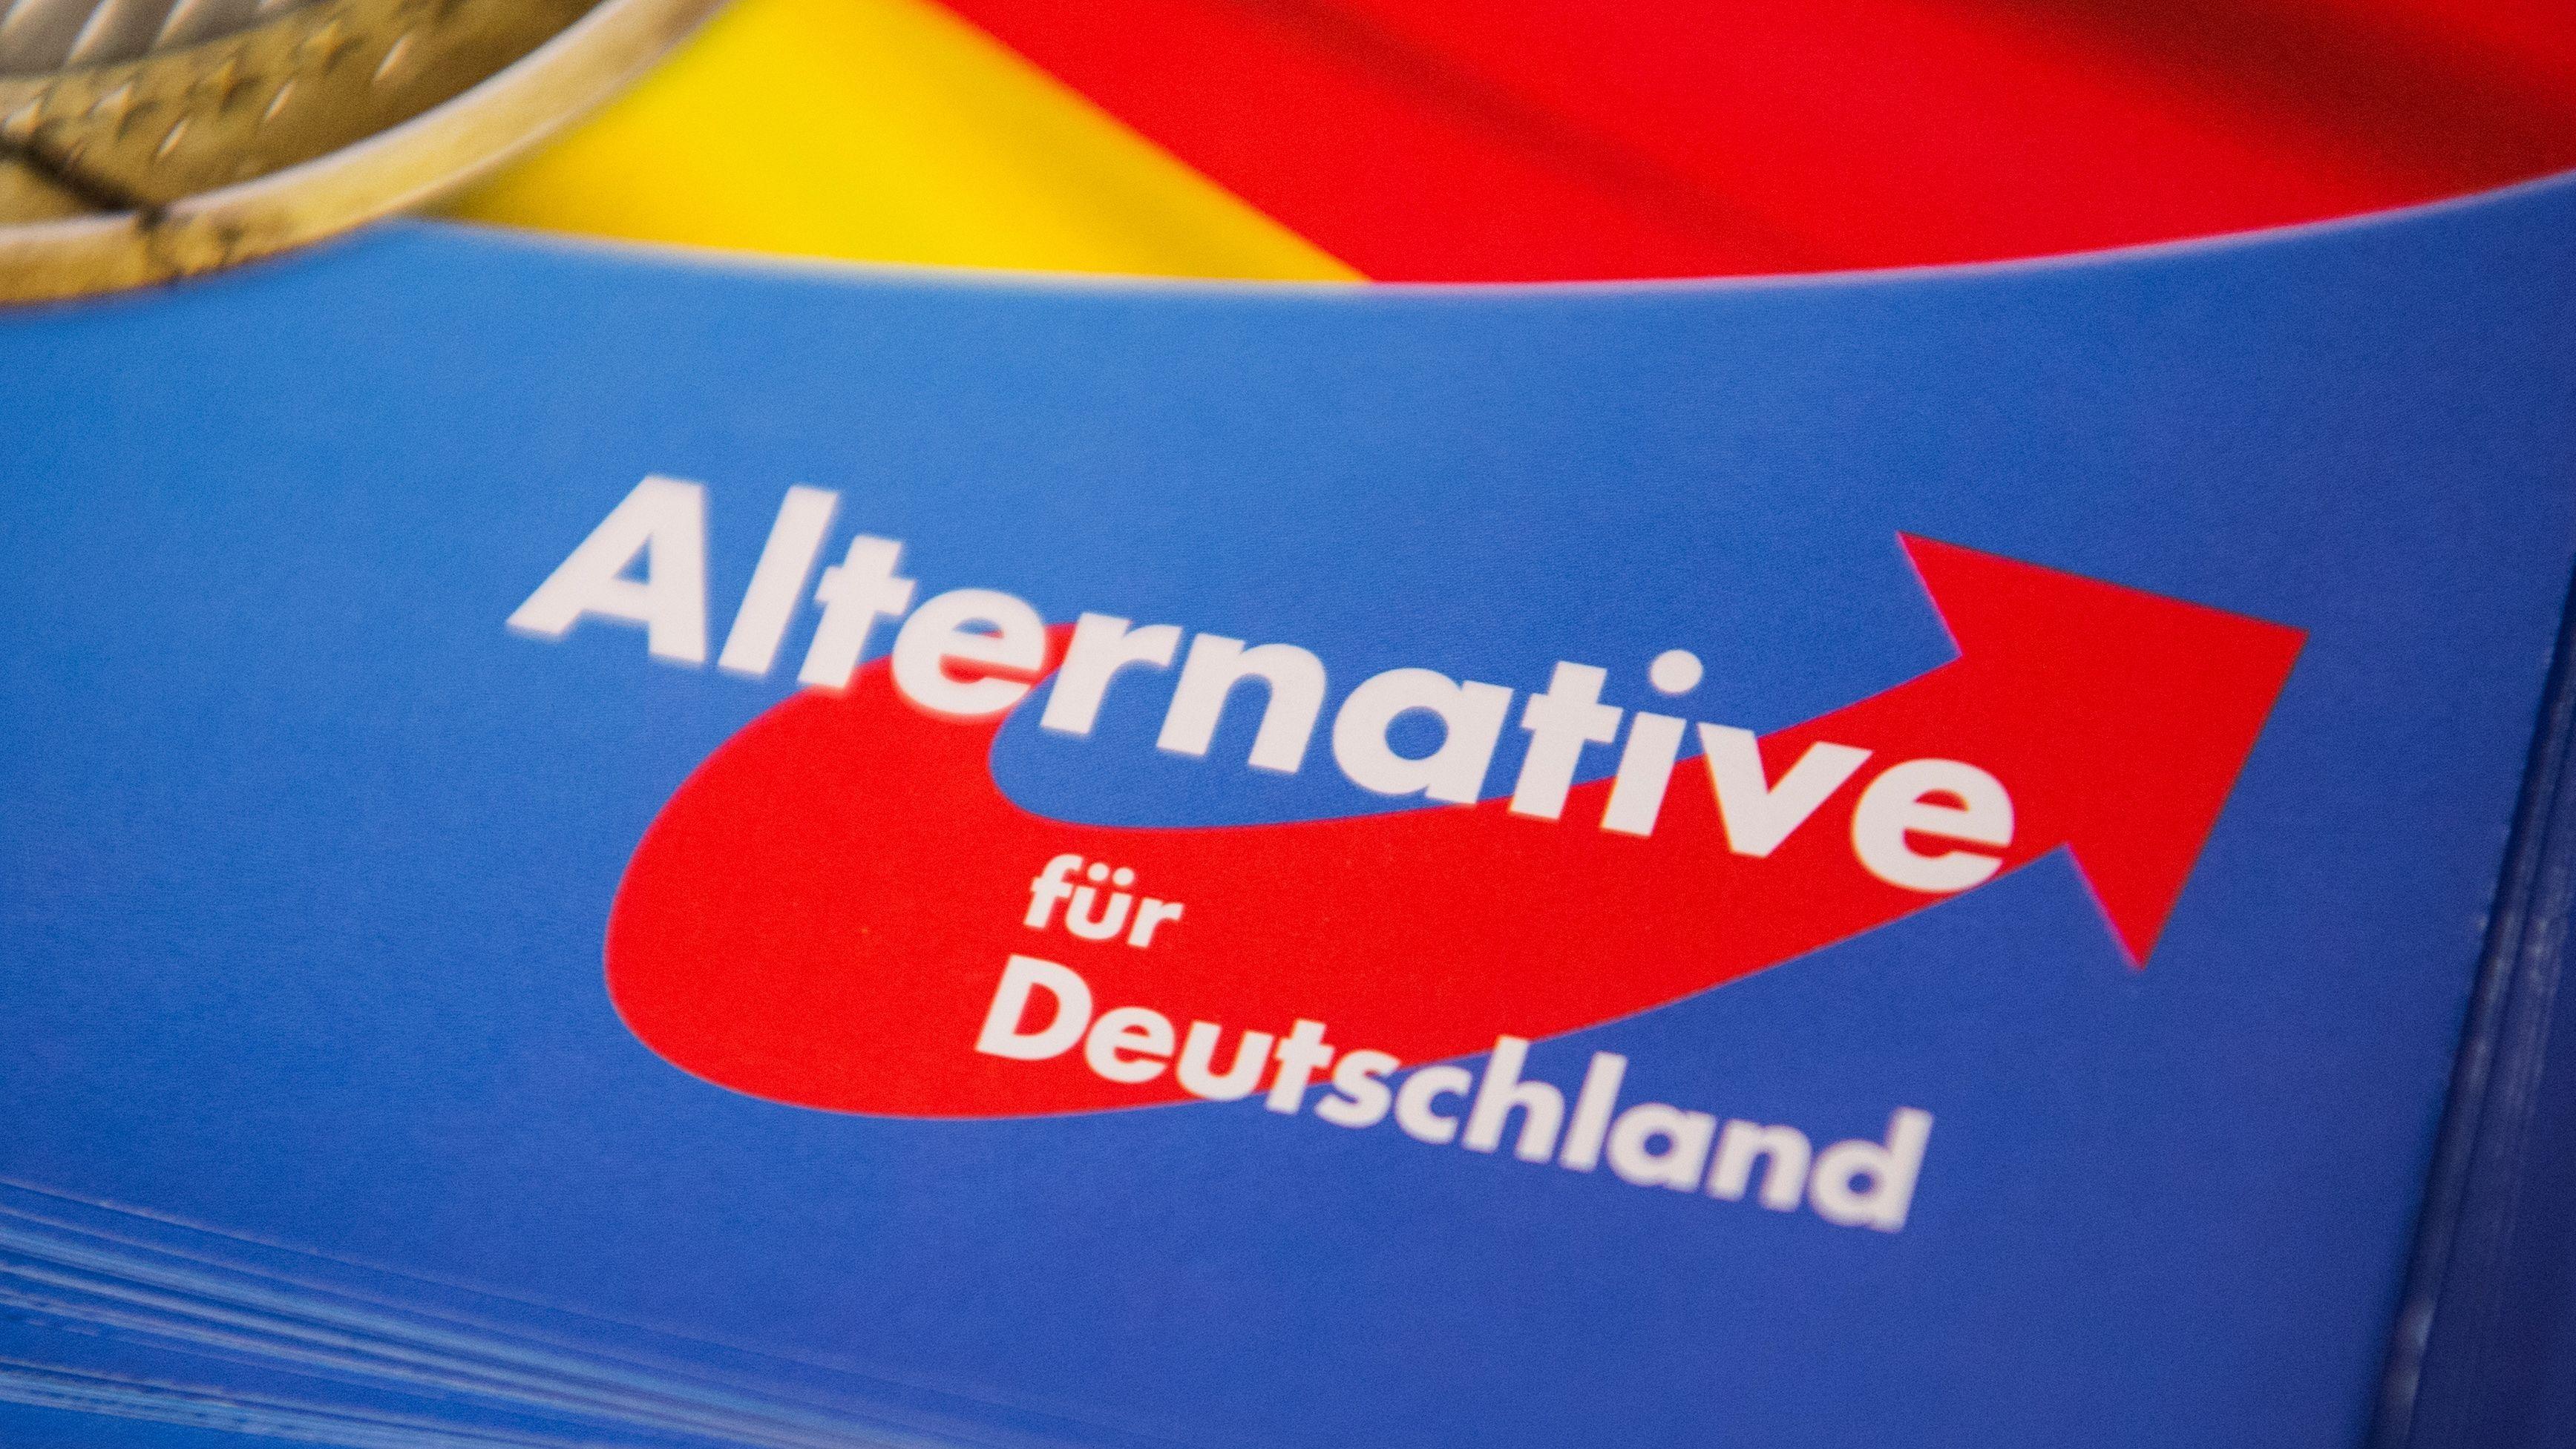 AfD-Logo auf einem Flyer.